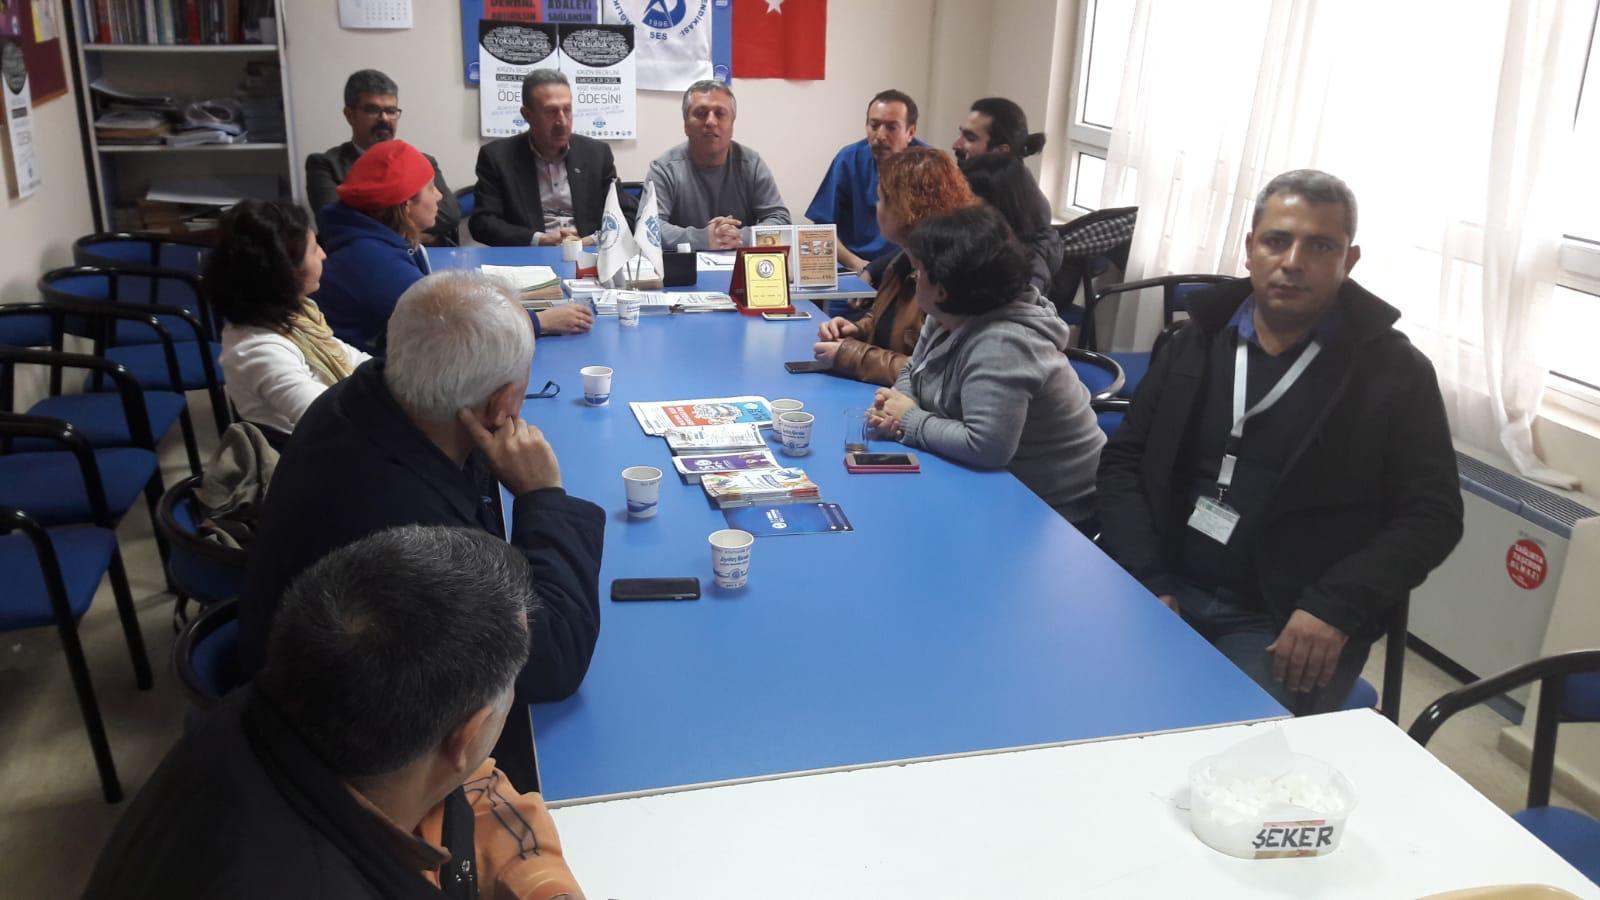 15 Aralık Adana Bölge Mitingi Öncesinde İş Yeri Ziyaretlerimiz Devam Ediyor